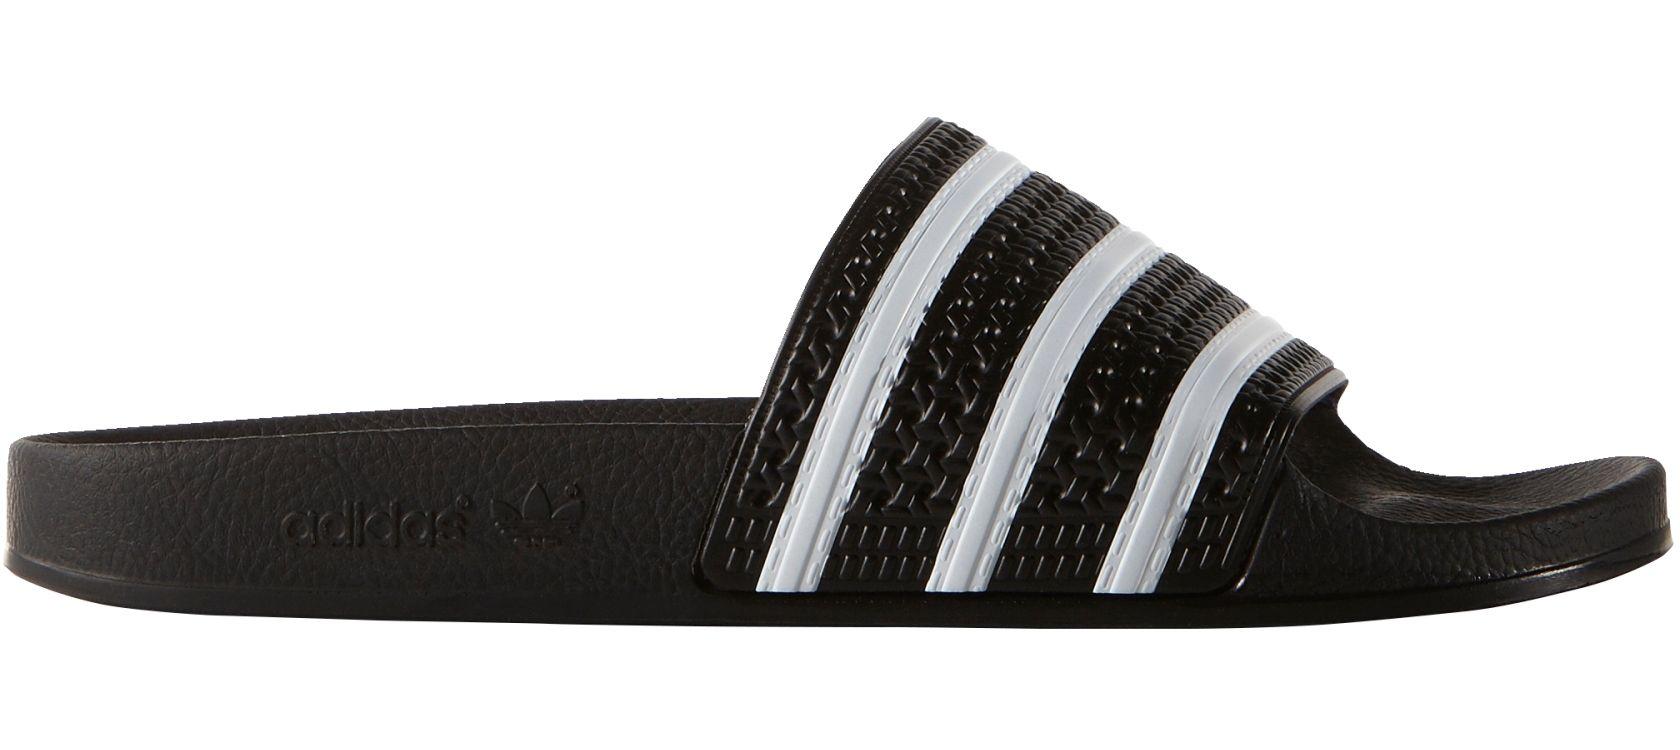 Adidas Adilette Slides low